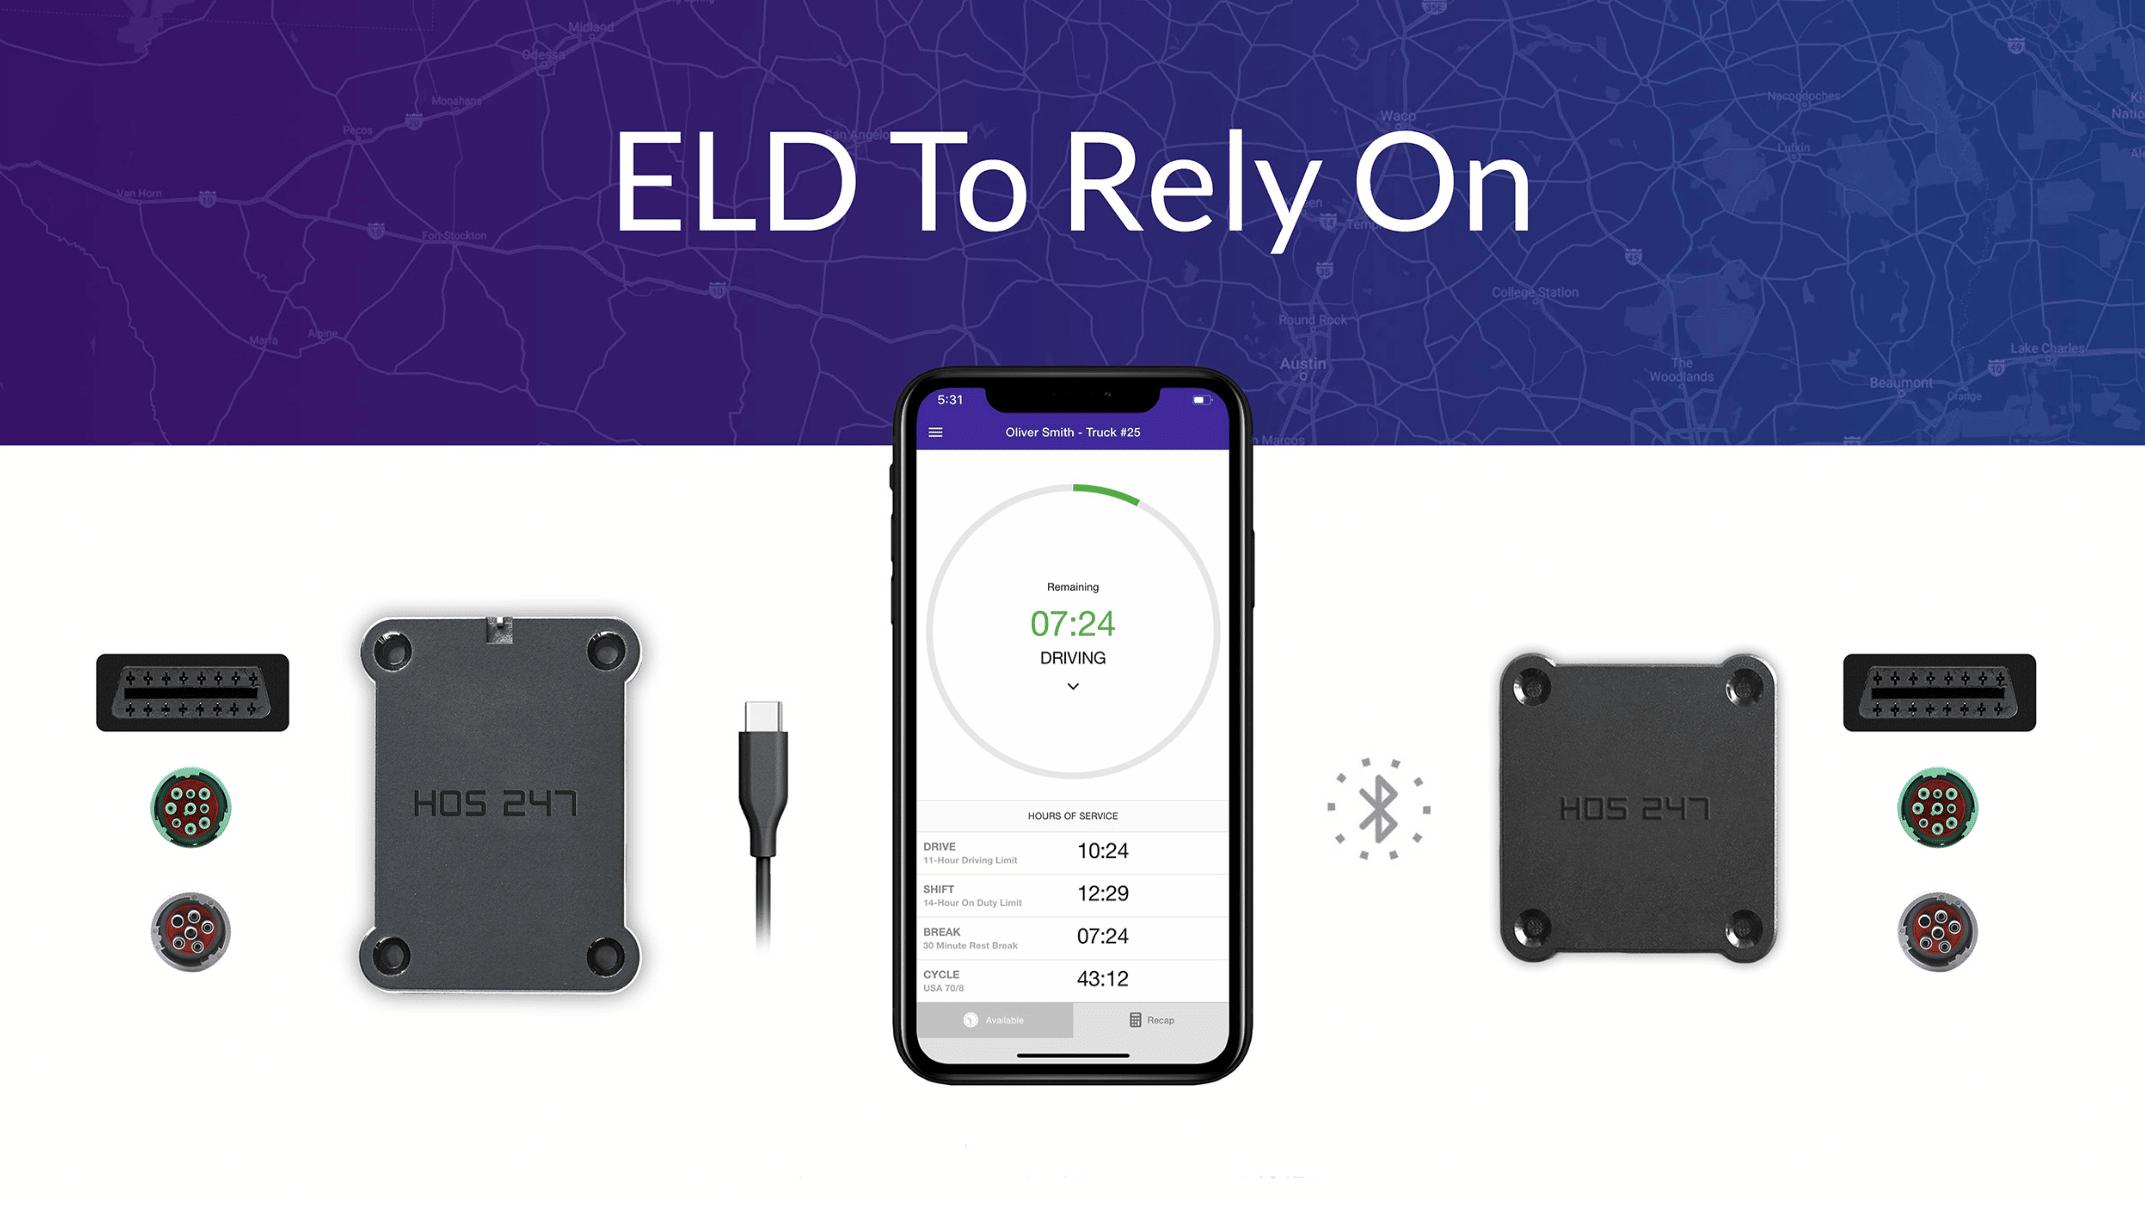 HOS 247 ELD devices